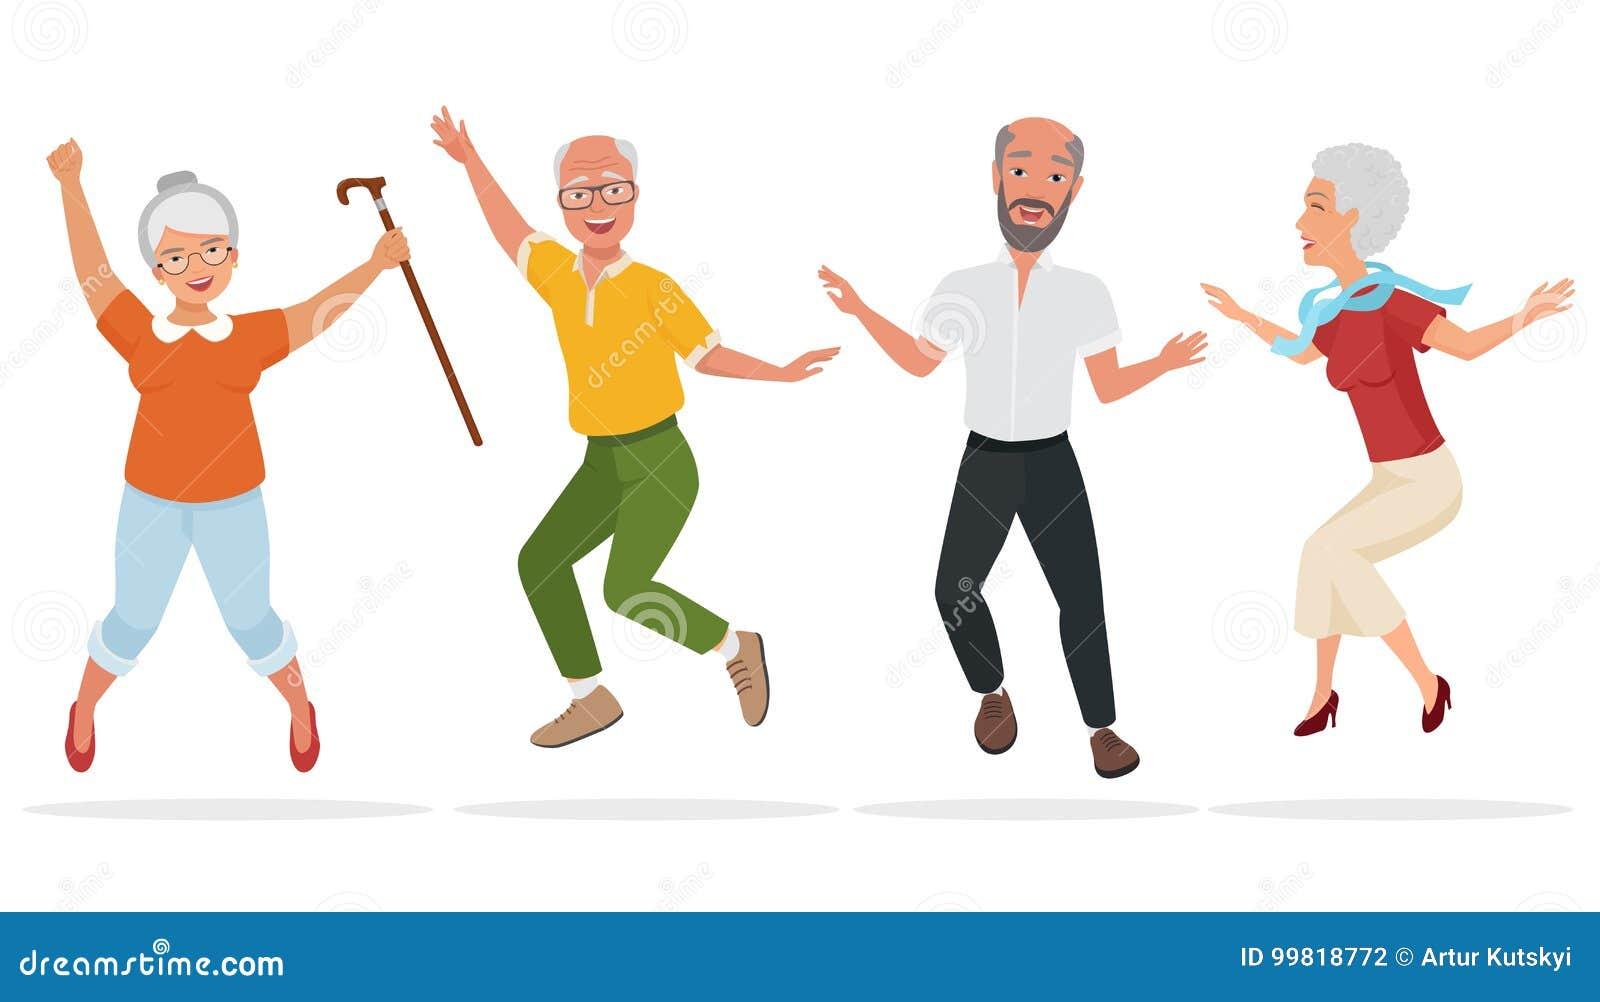 Grupo de personas mayores junto Viejo salto mayor activo y feliz Ilustración del vector de la historieta